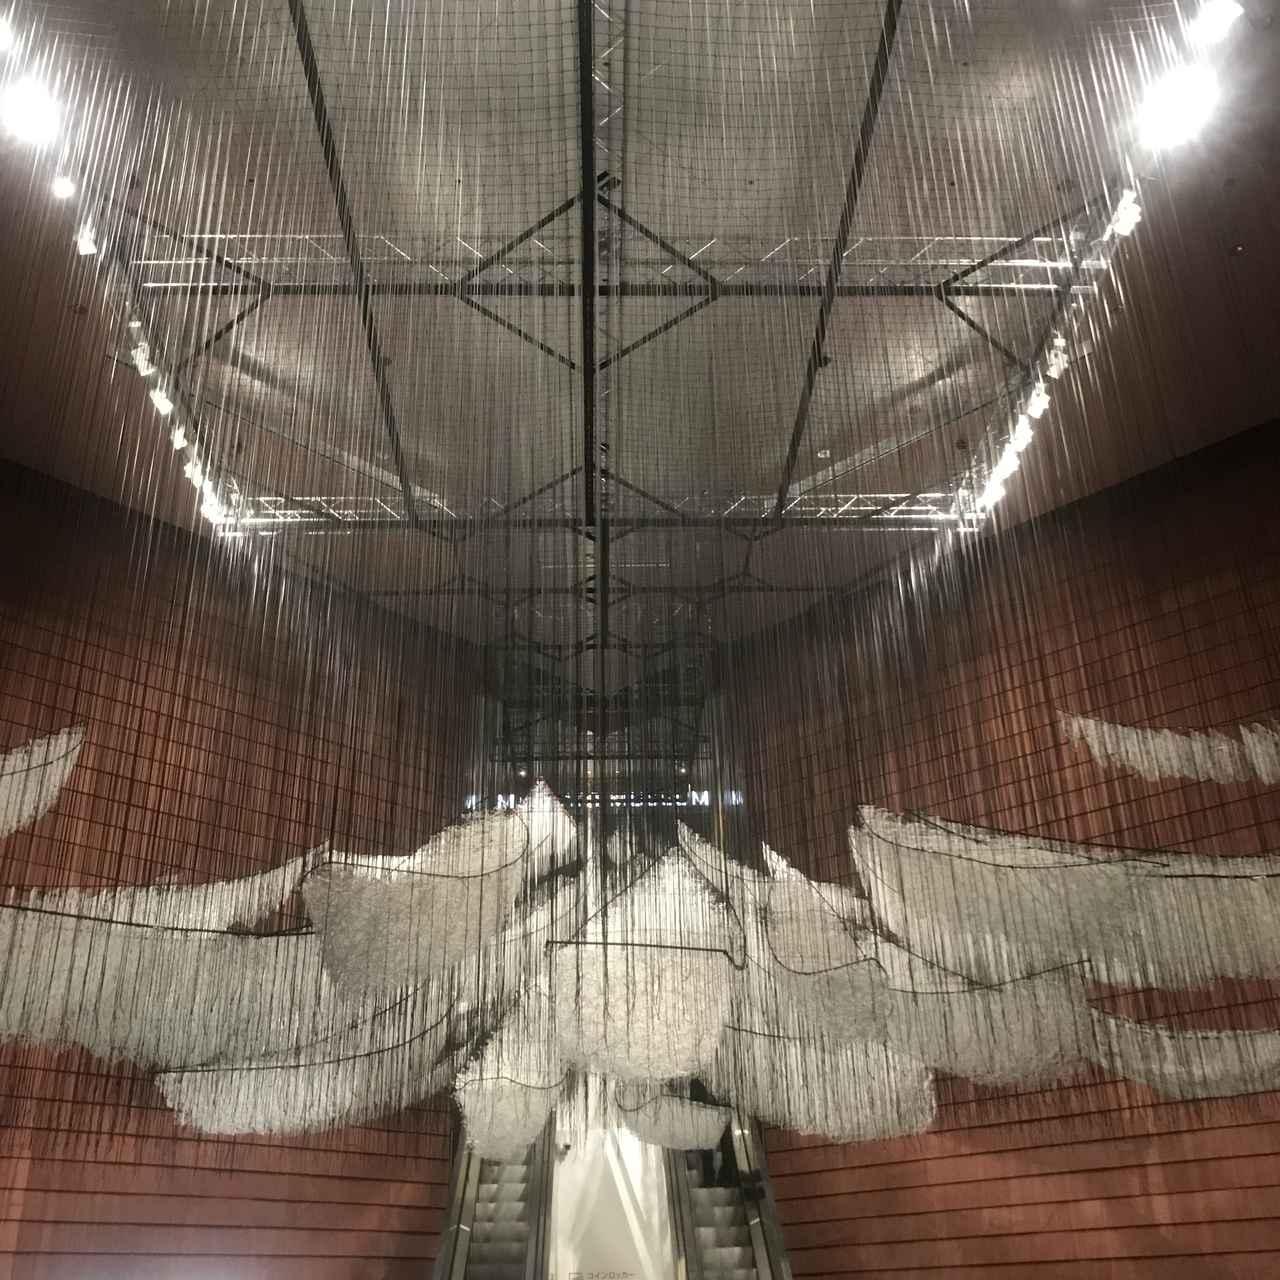 画像: 美術館入口前の展示風景:塩田千春 《どこへ向かって》 2017/2019年 photo©moichi